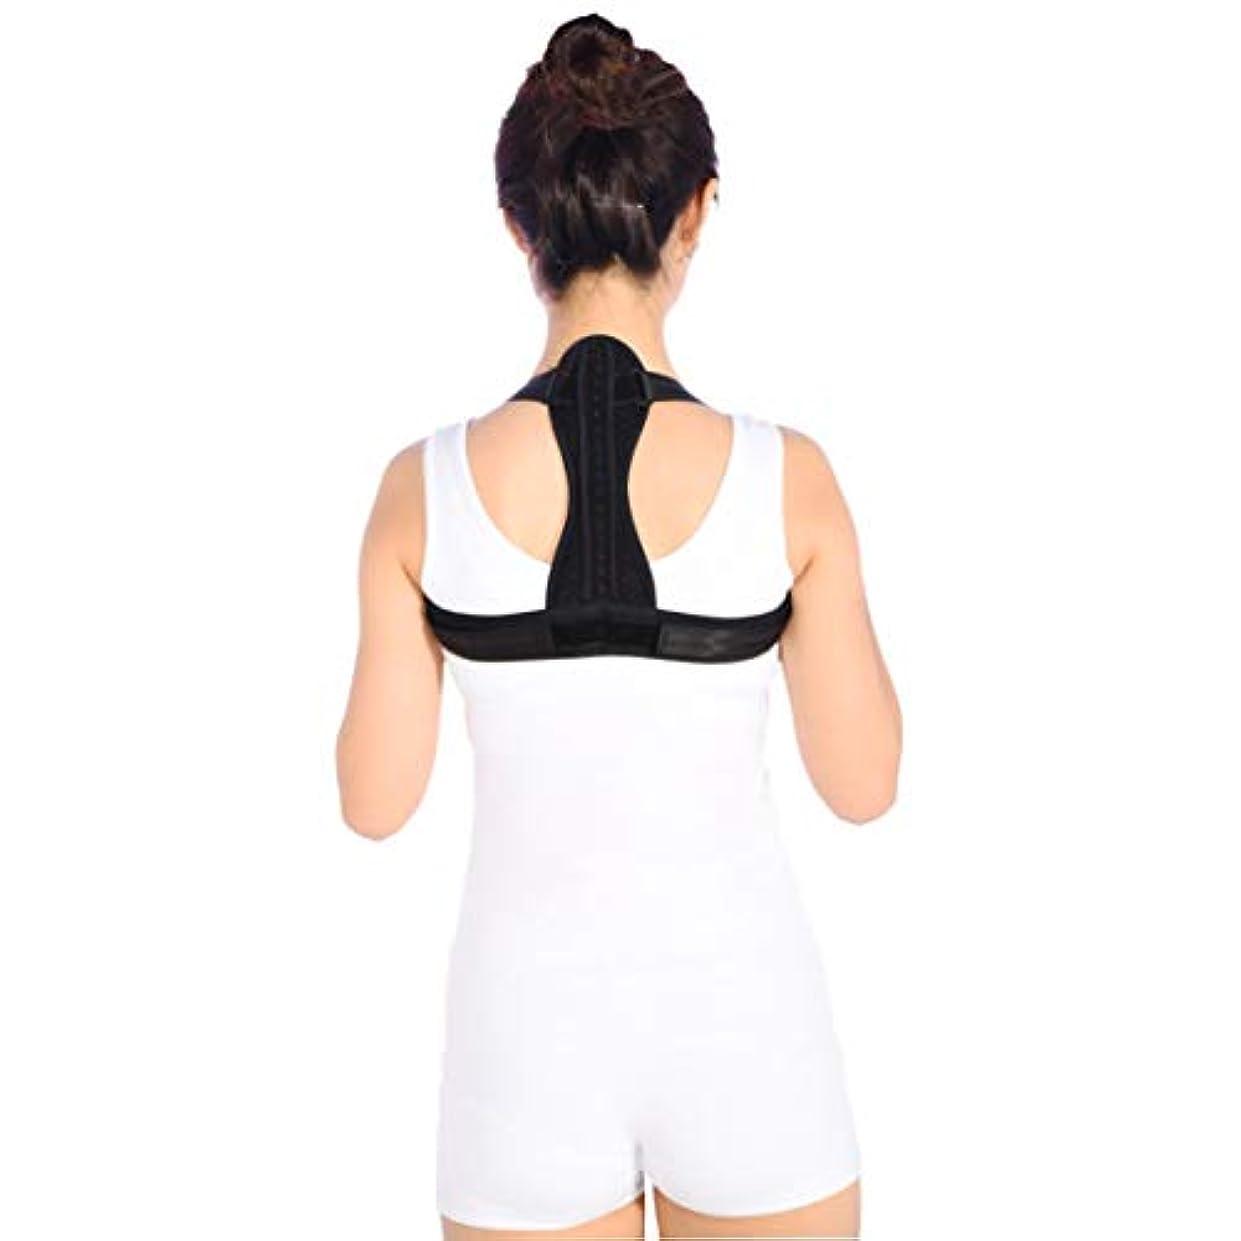 豚乳白色通気性の脊柱側弯症ザトウクジラ補正ベルト調節可能な快適さ目に見えないベルト男性女性大人学生子供 - 黒